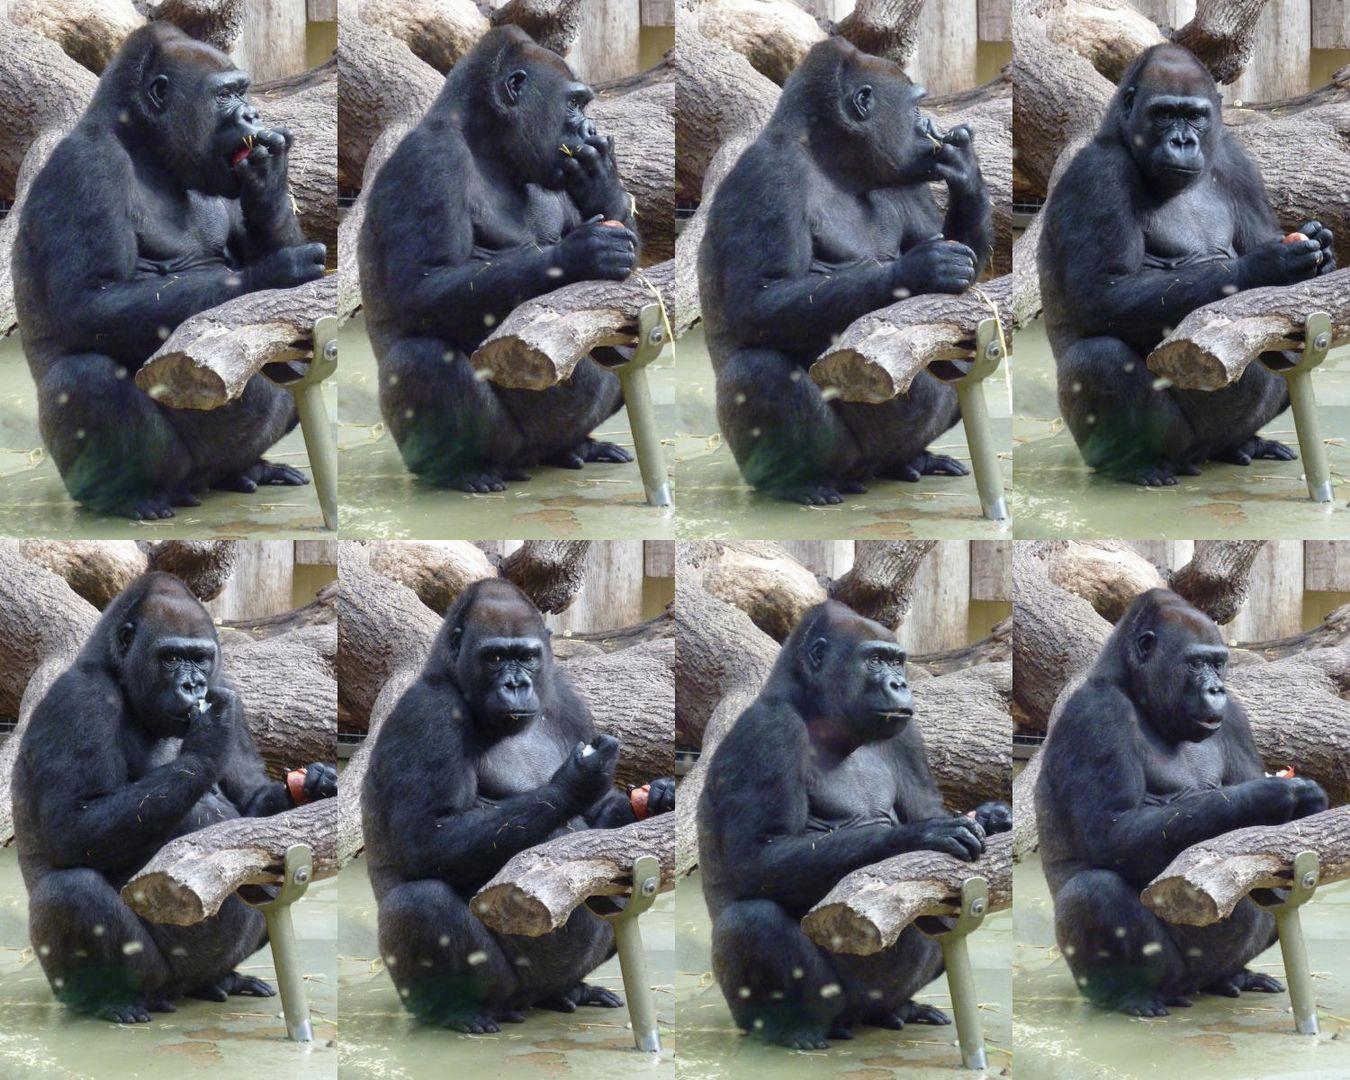 Gorilla im Kölner Zoo beim 2. Frühstück_